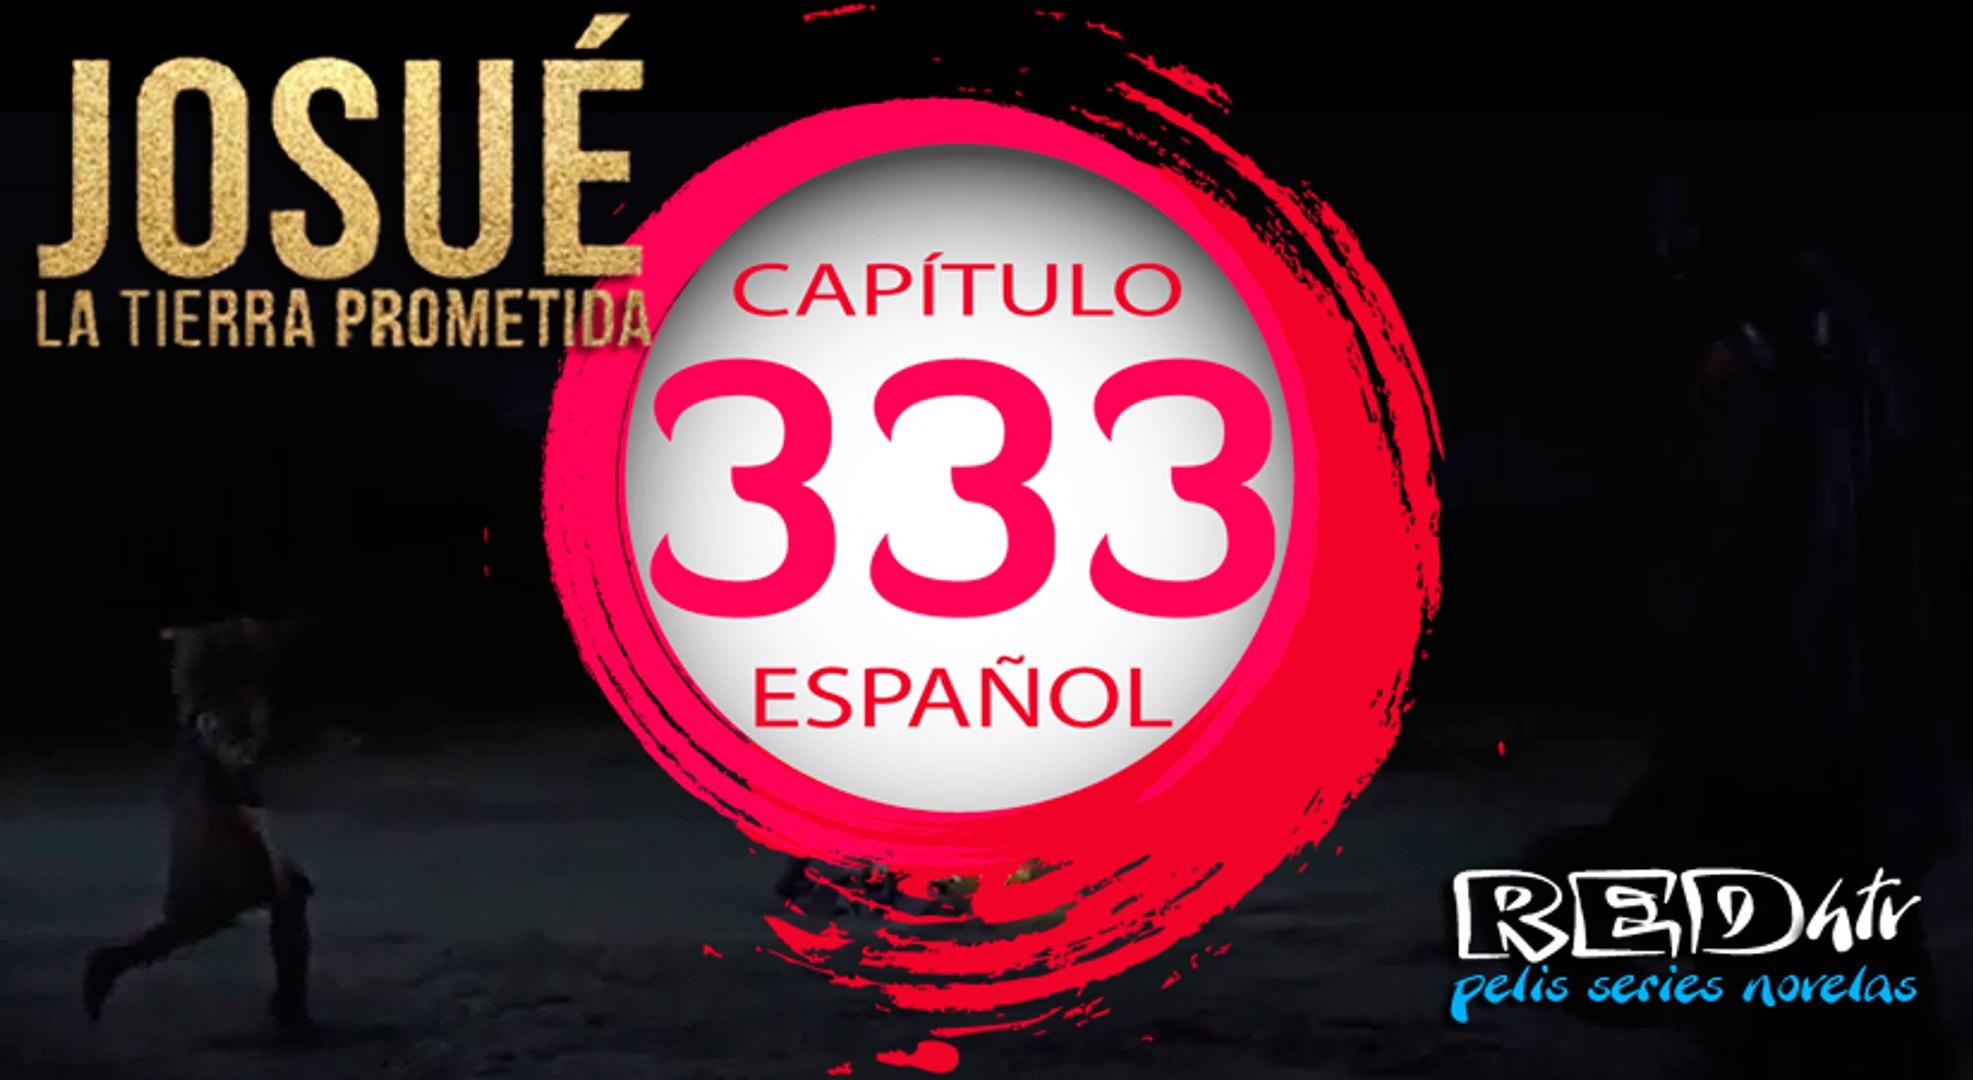 Josue y la Tierra Prometida Español (Capítulo.333)